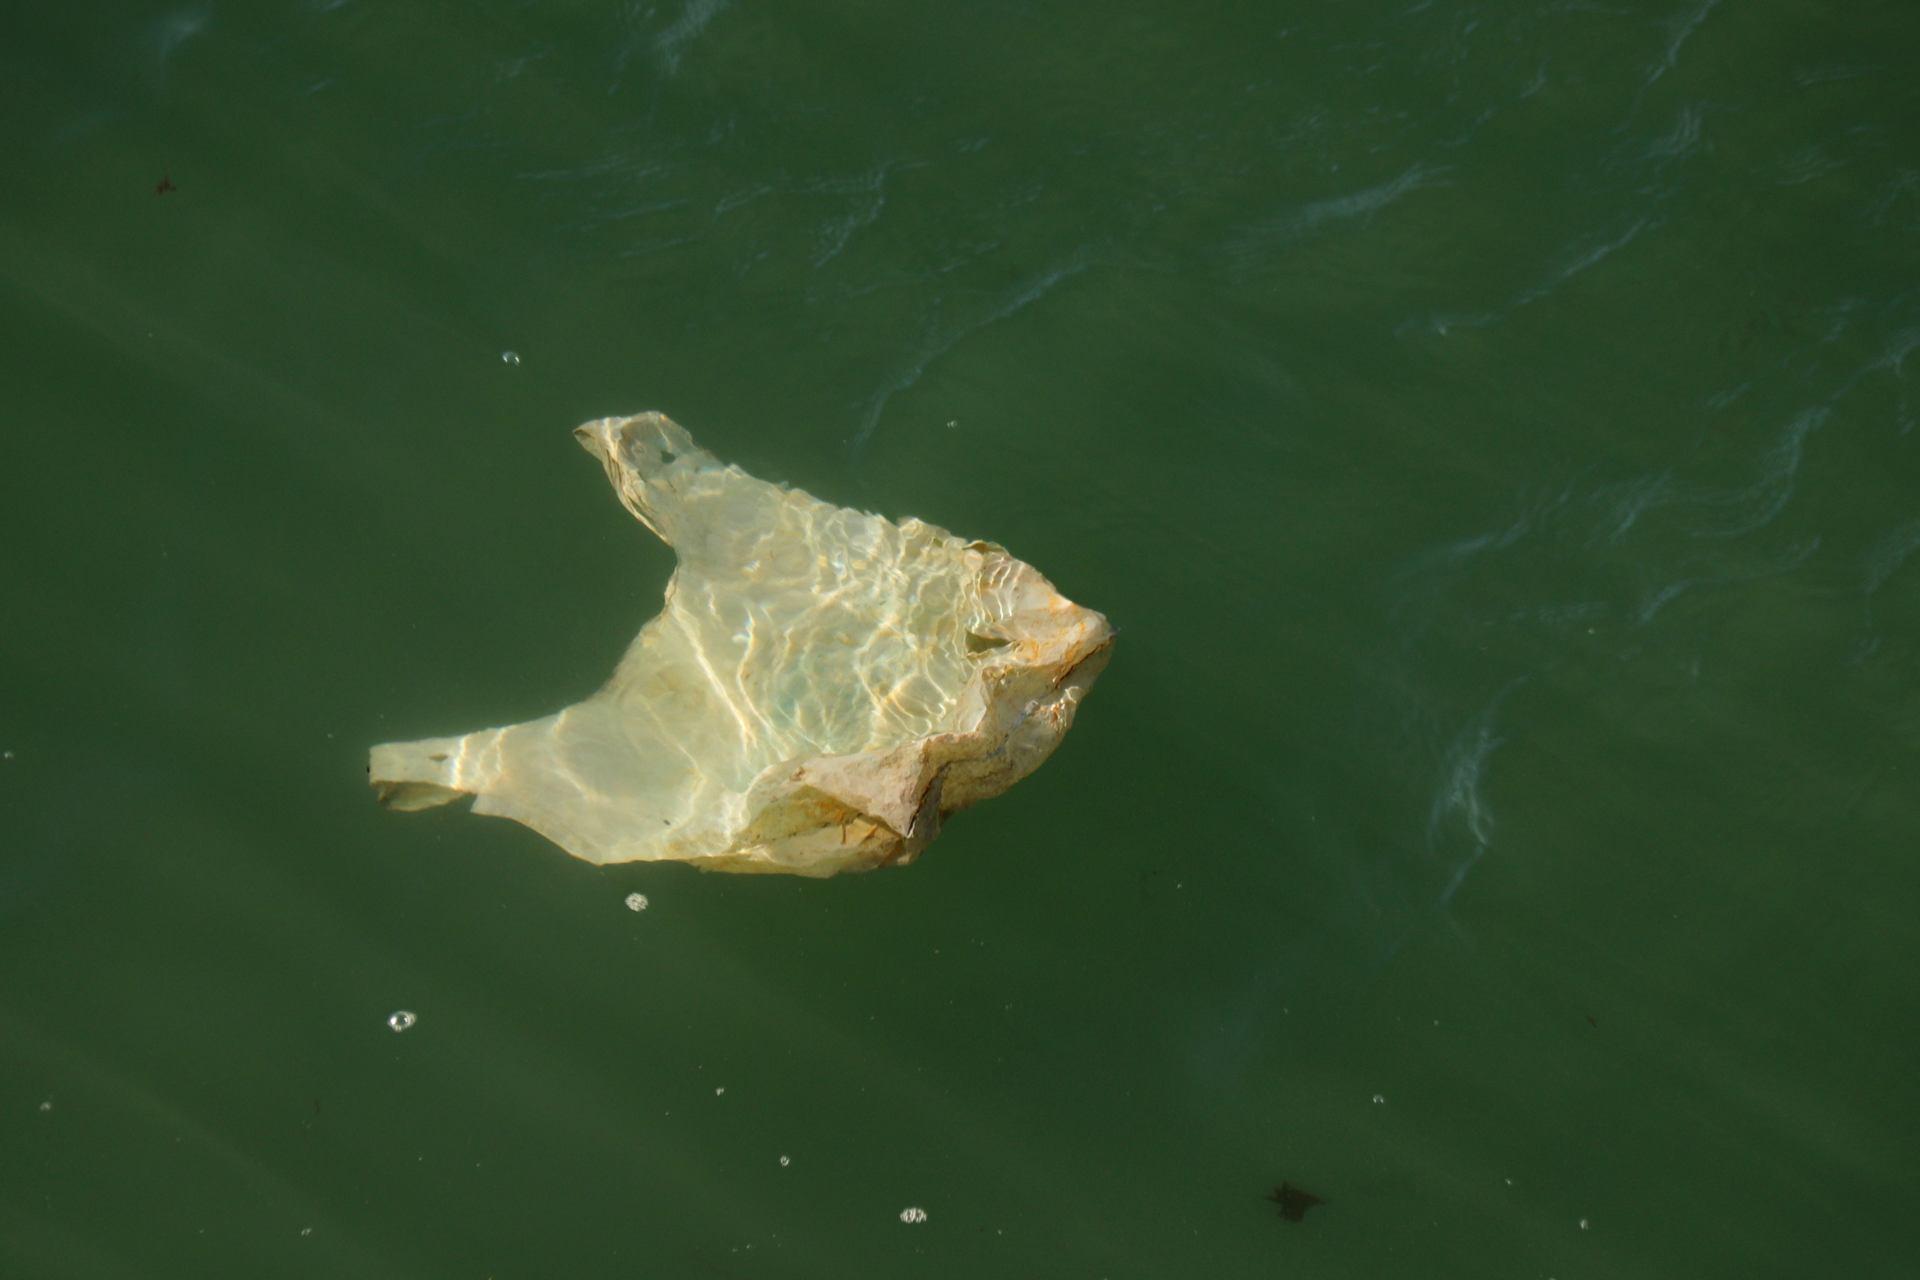 Un sac plastique se prenait pour un poisson